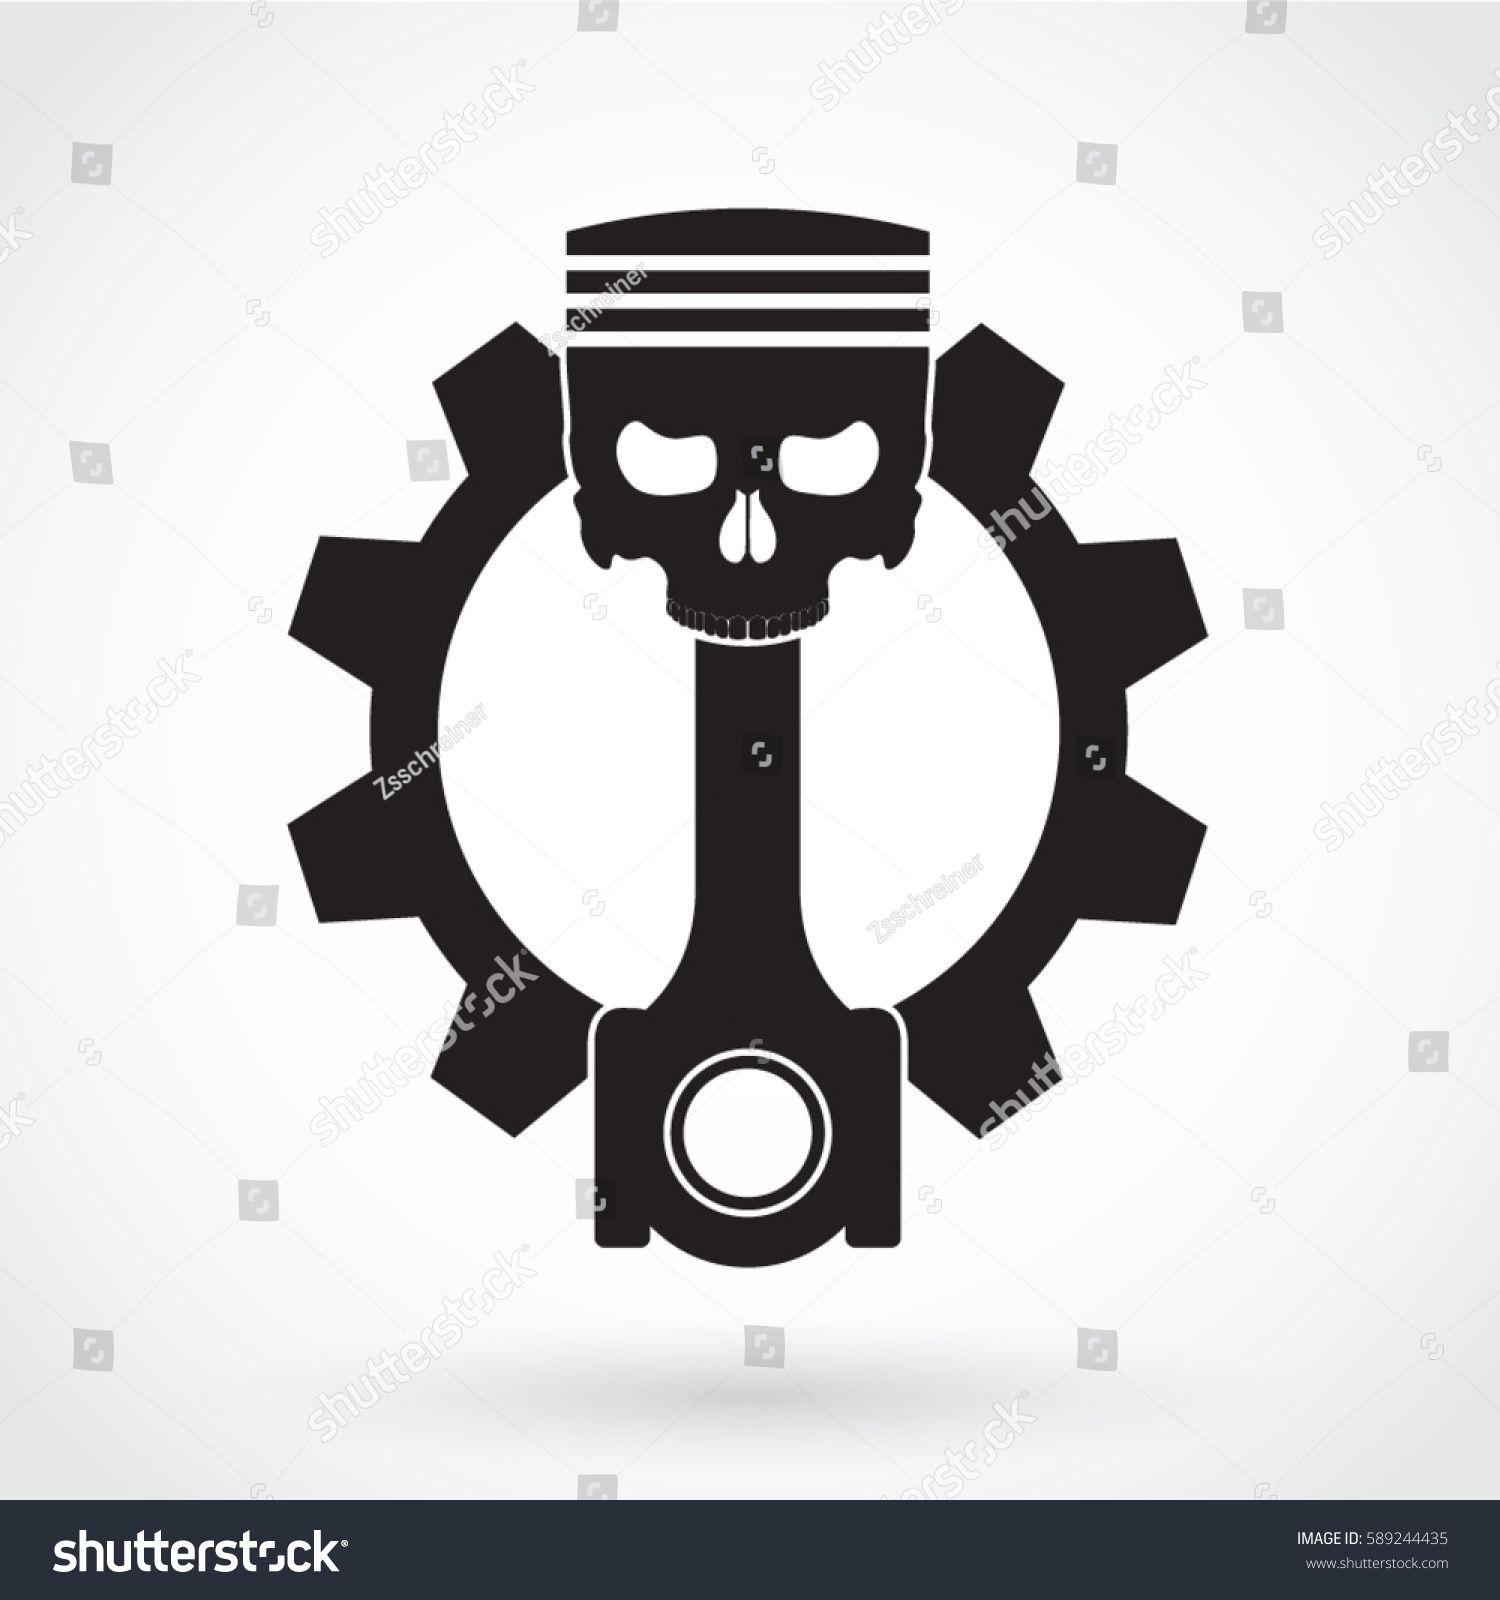 Silhouette Piston Skull With Gear Symbol Tatuajes Pistones Tatuaje Mecanico Tatuajes De Motocicletas